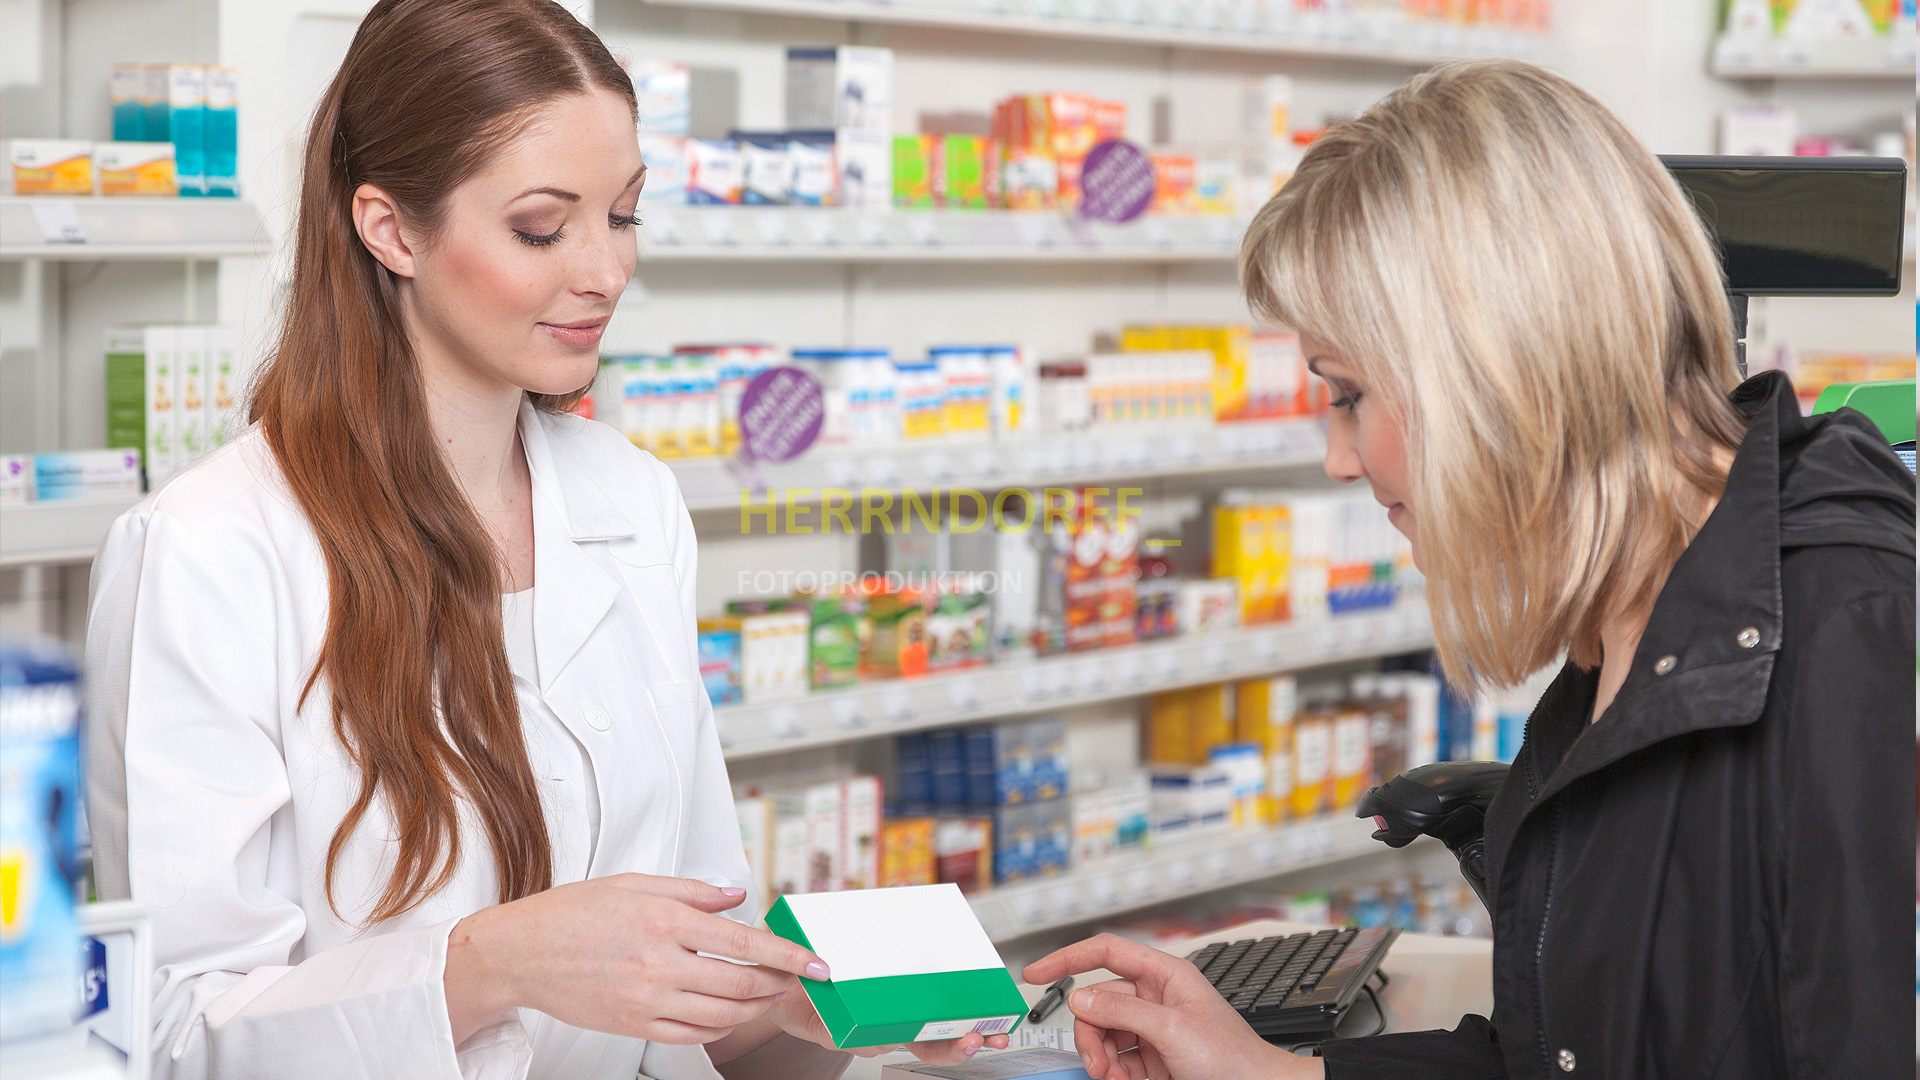 Eine Apothekerin berät eine Kundin zu einem medizinischen Präparat